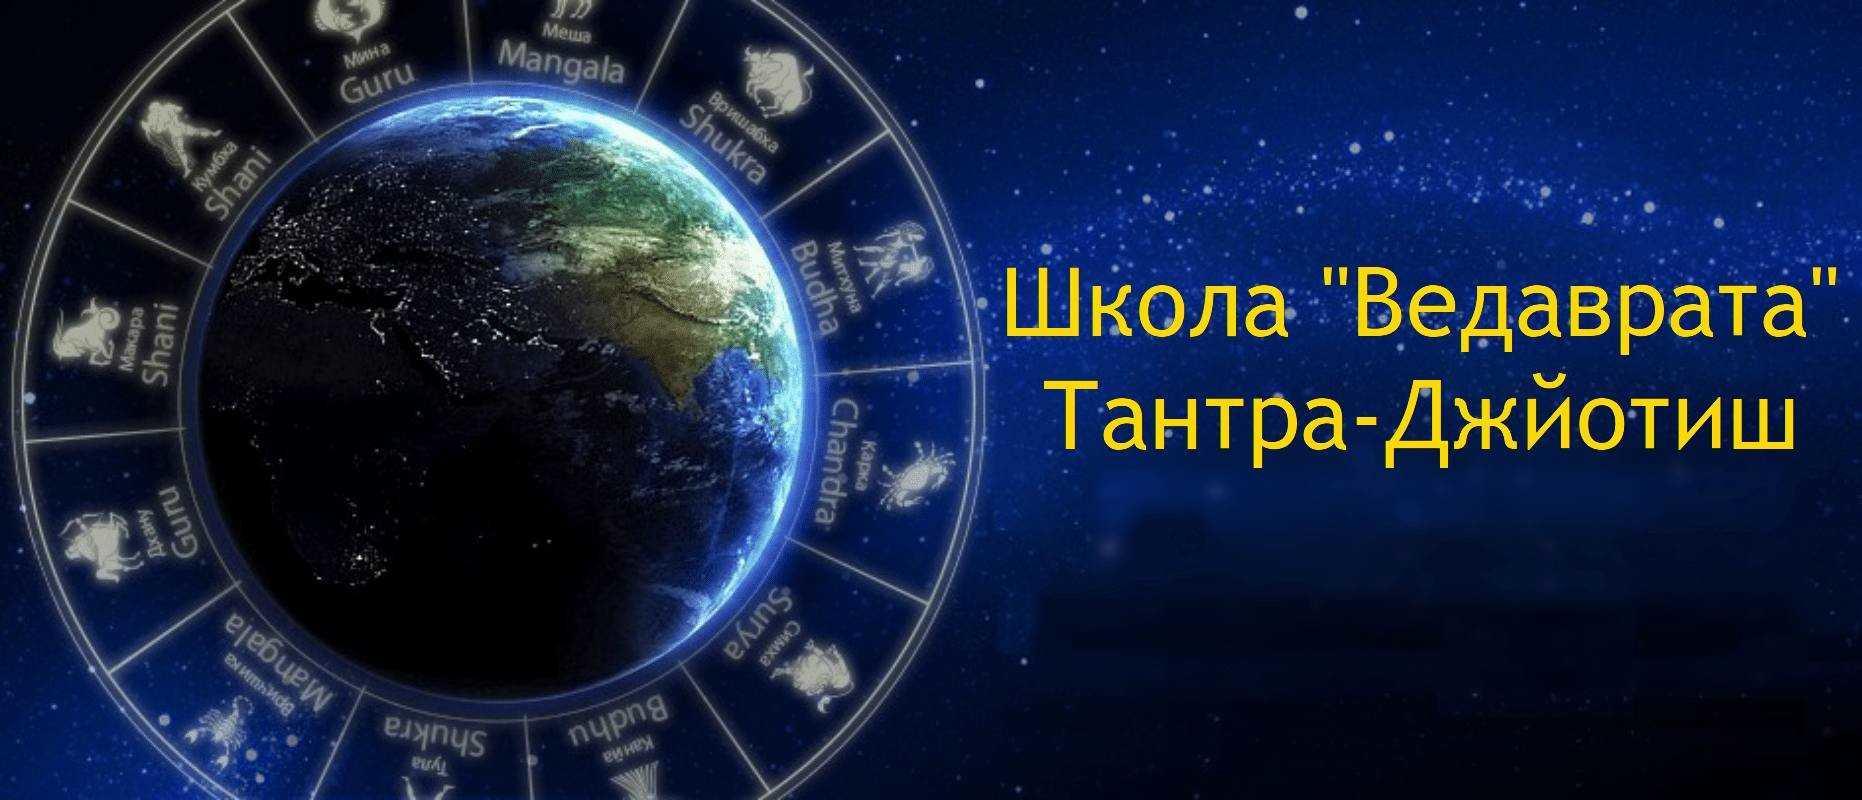 * «Школа Ведаврата» шукає талановитих організаторів авторських зустрічей, лекцій, семінарів - Антон-Кузнецов - Тантра-Джйотіш & Ведична астрологія *